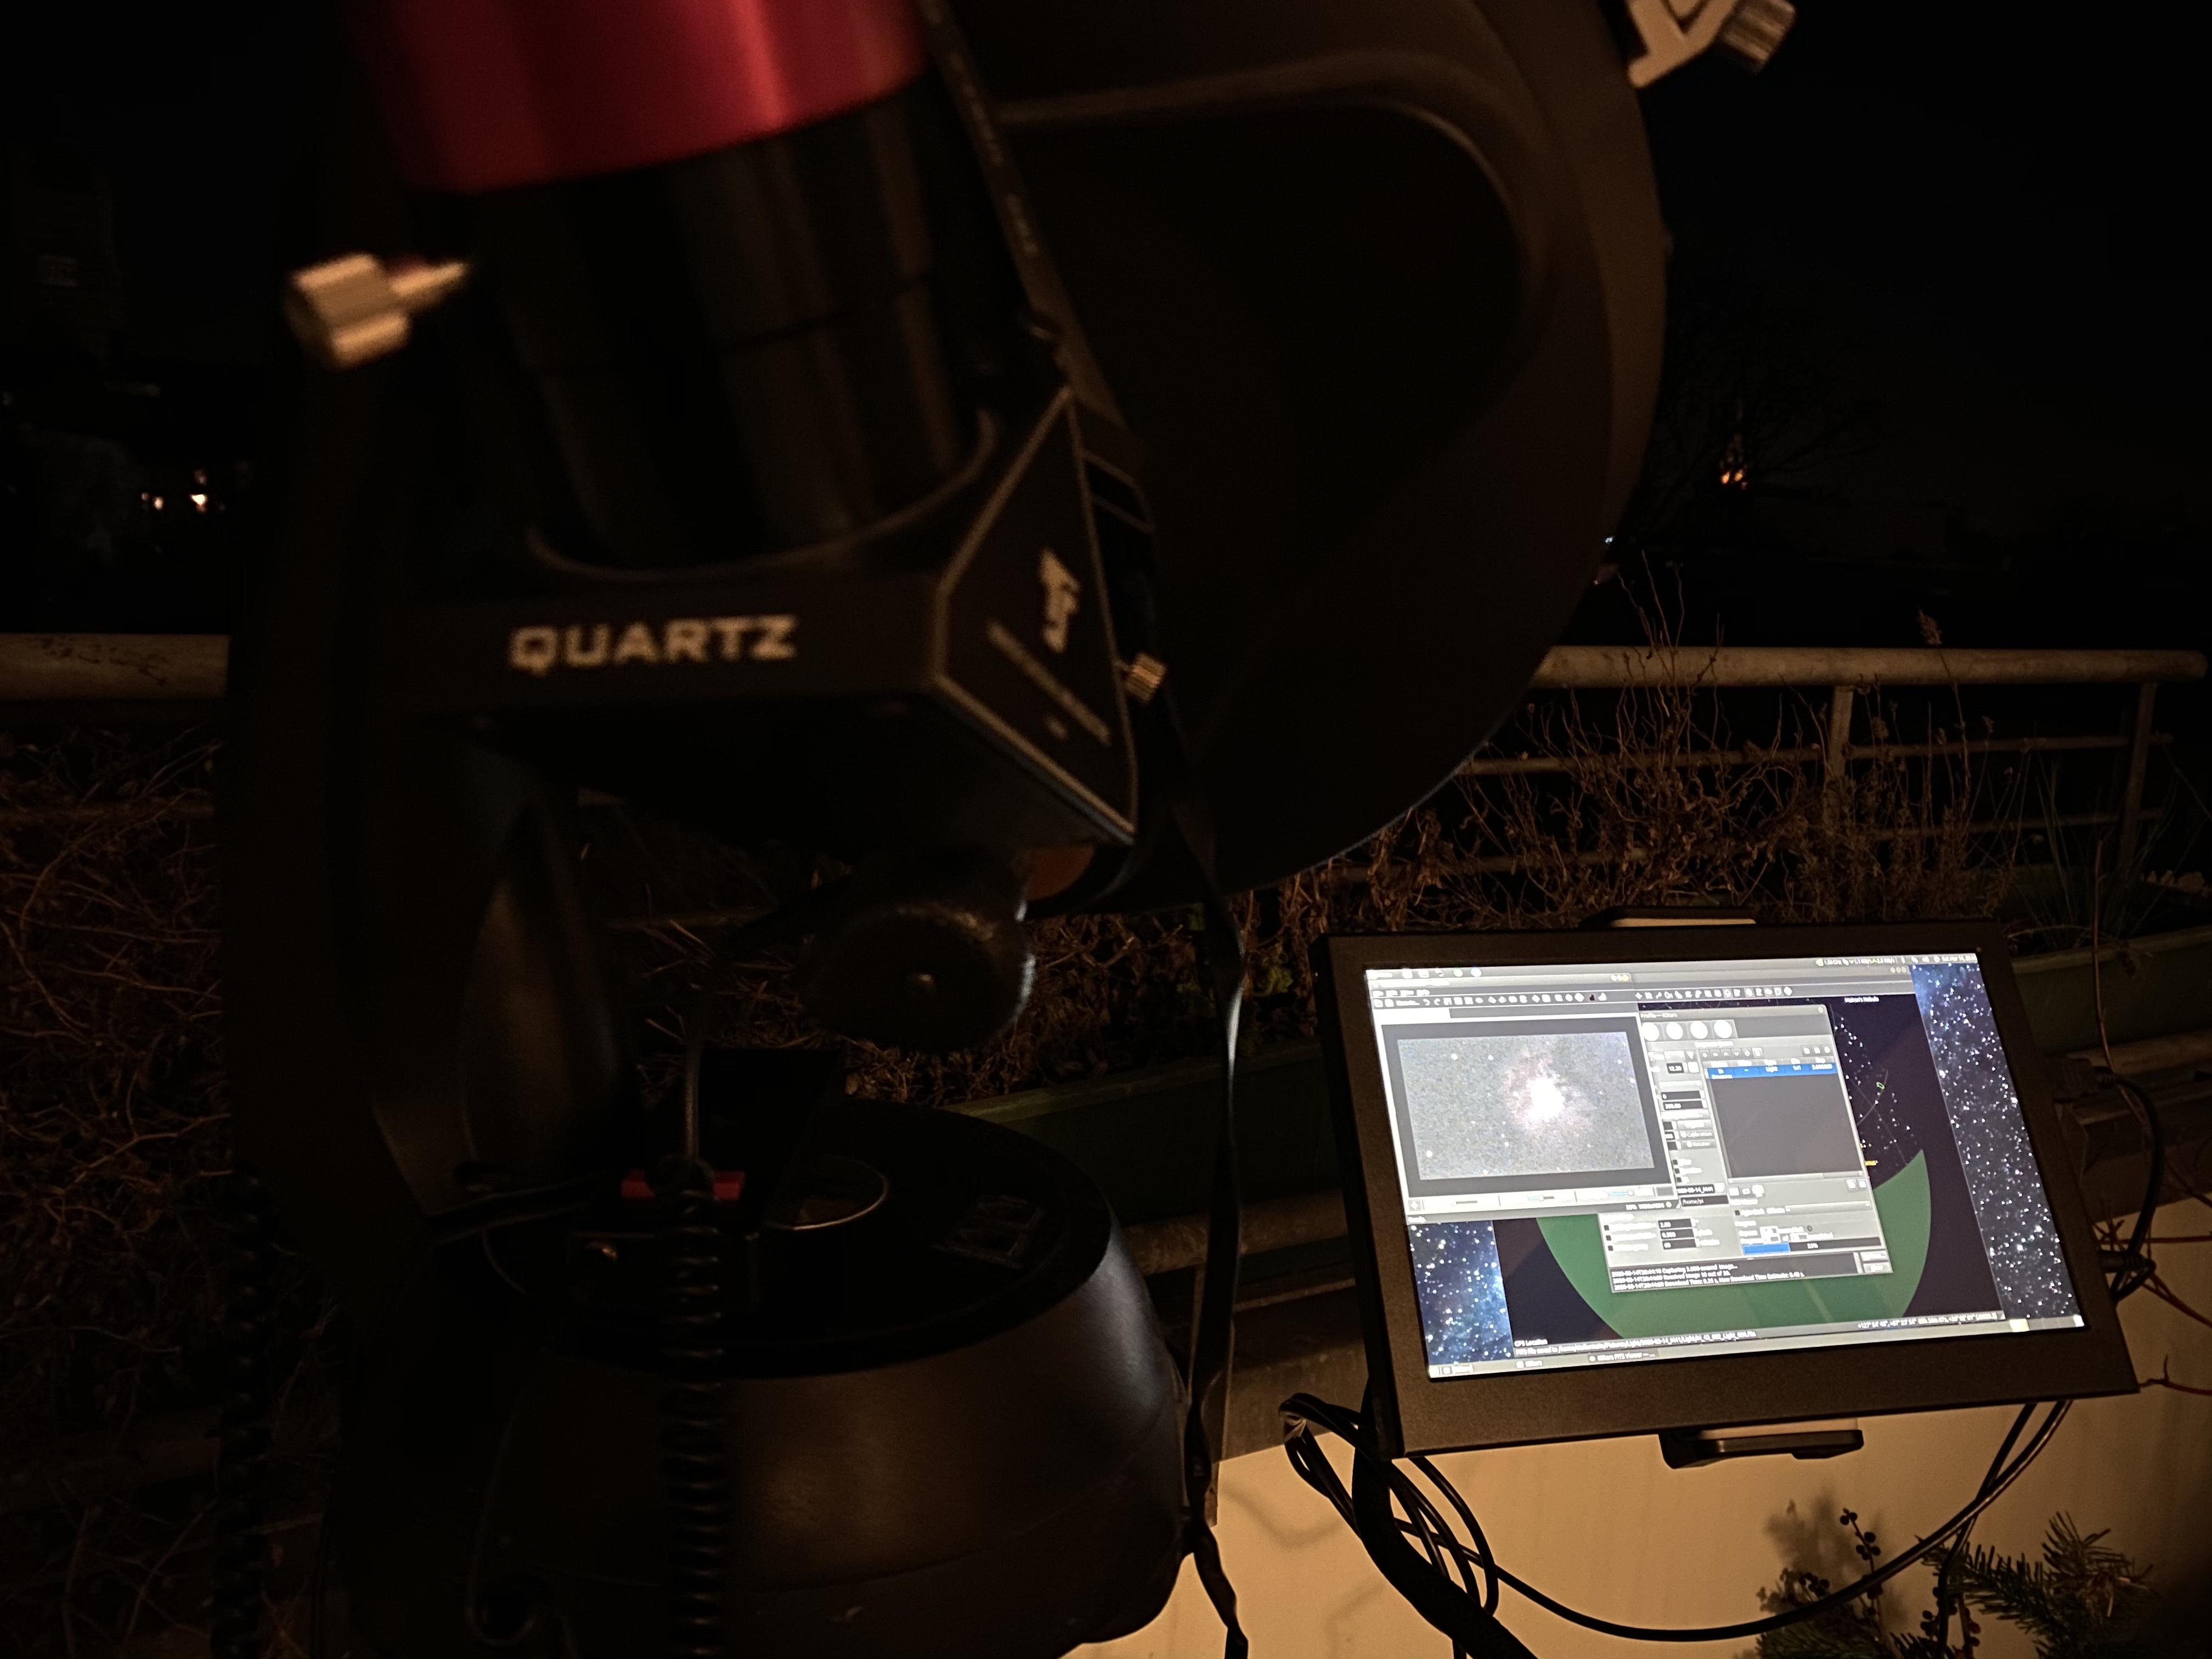 Ekos erstellt gerade die Fotoserie für M43